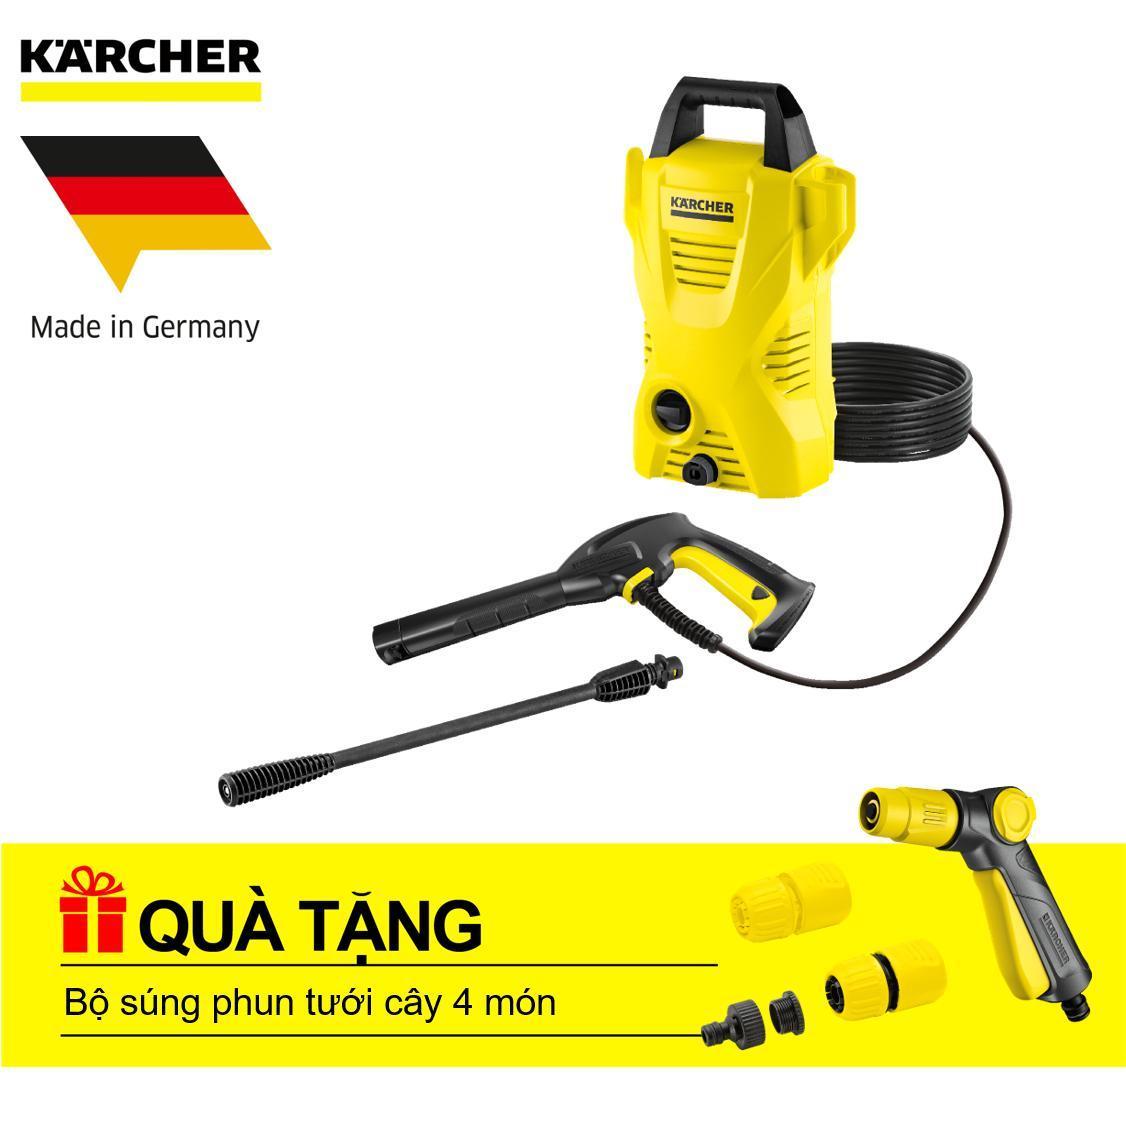 Máy phun rửa áp lực cao Karcher K 2360 - Tặng Bộ Phun Nước Tưới Cây